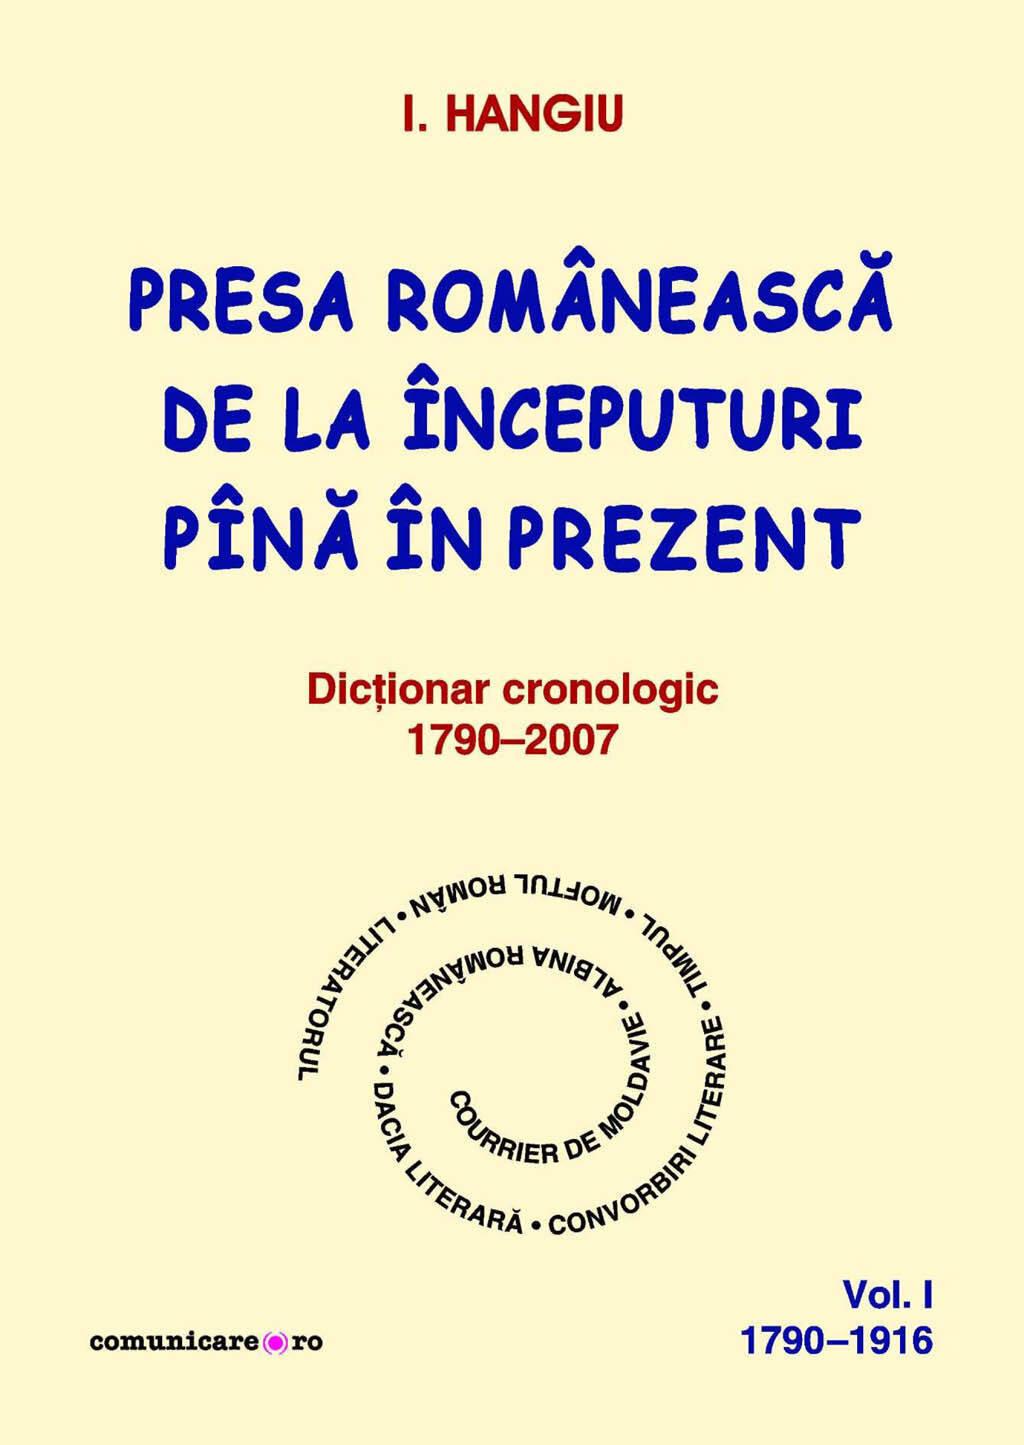 Presa romaneasca de la inceputuri pina in prezent. Dictionar cronologic 1790-2007 (Vol. I, 1790-1916) (eBook)